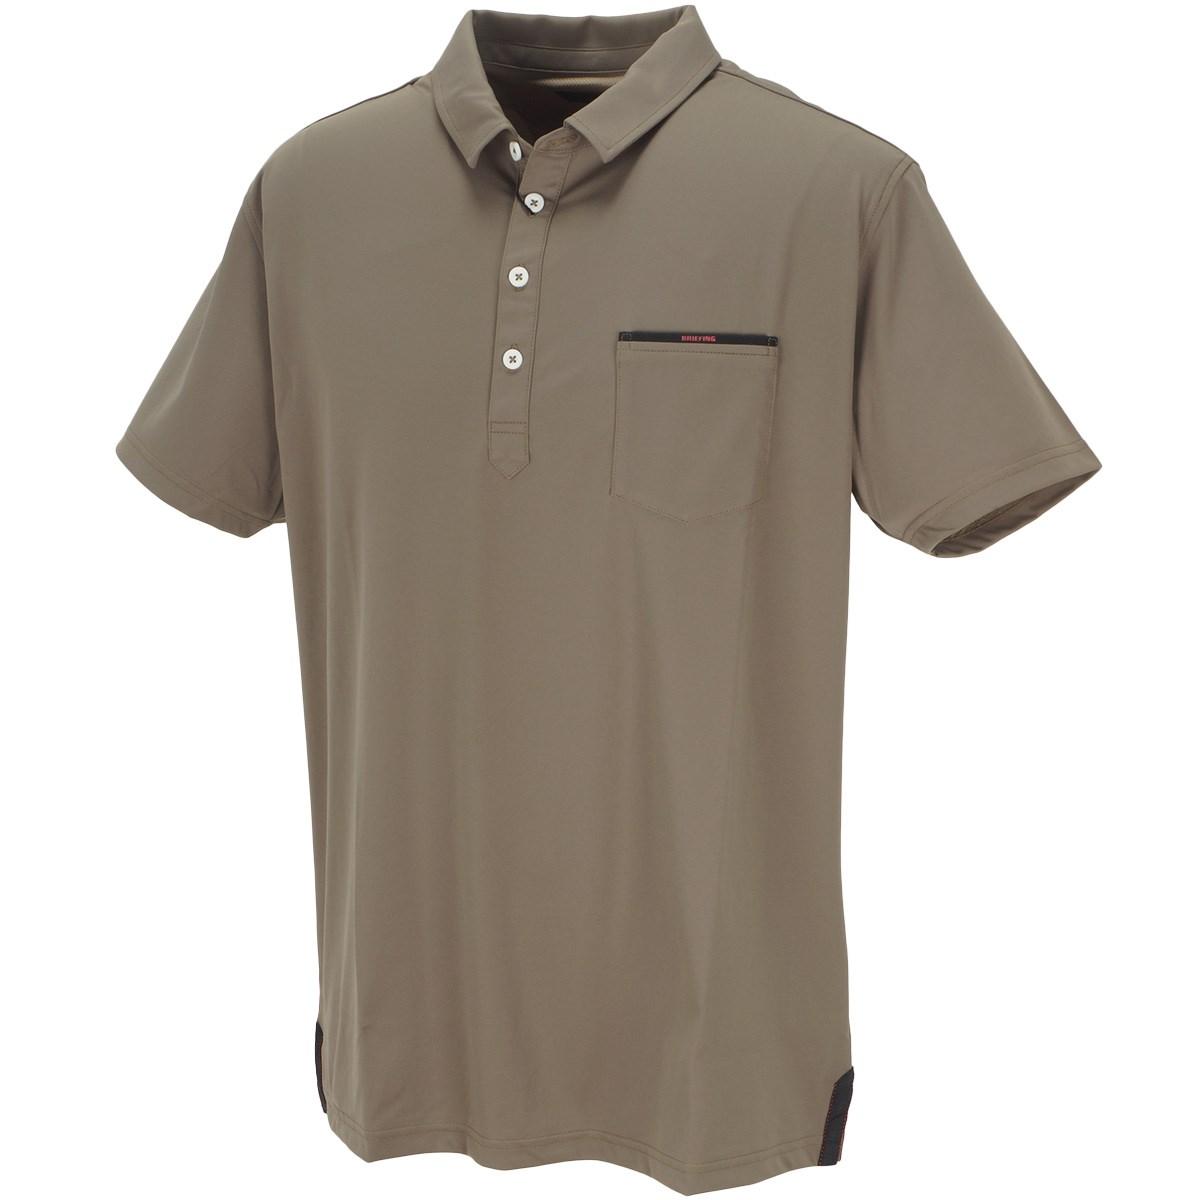 ブリーフィング ミニマム 半袖ポロシャツ